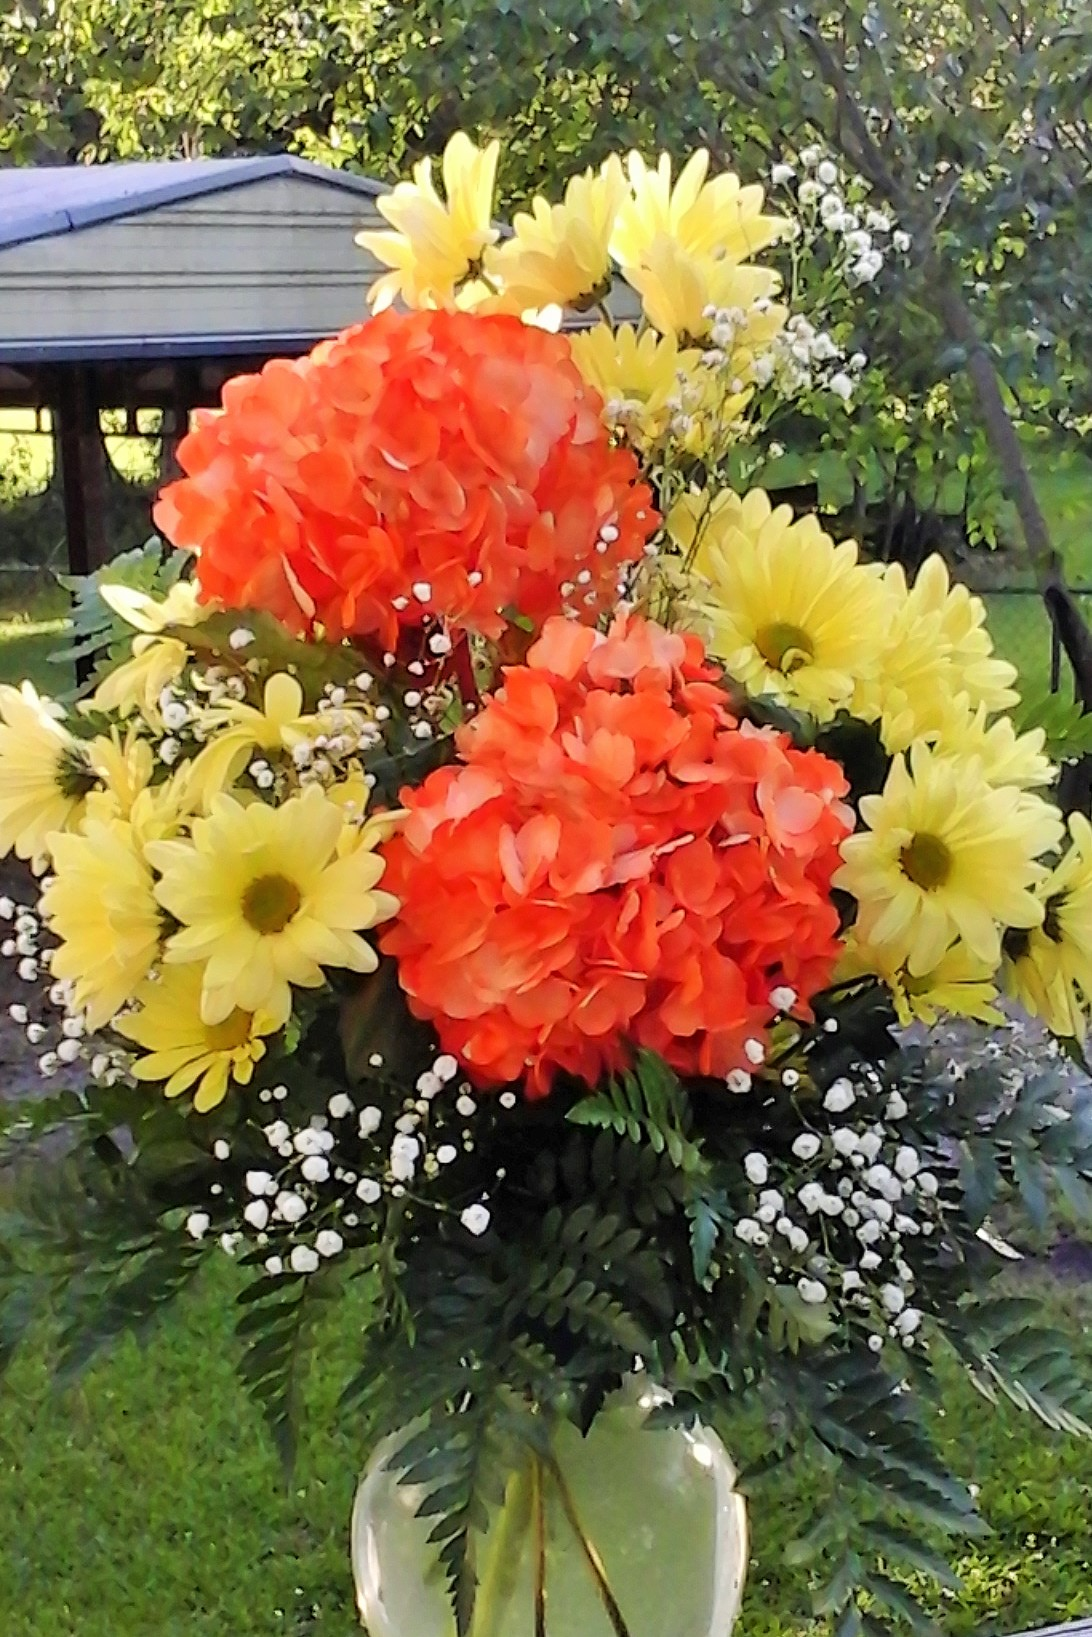 Vase w/ daisies and hydrangeas